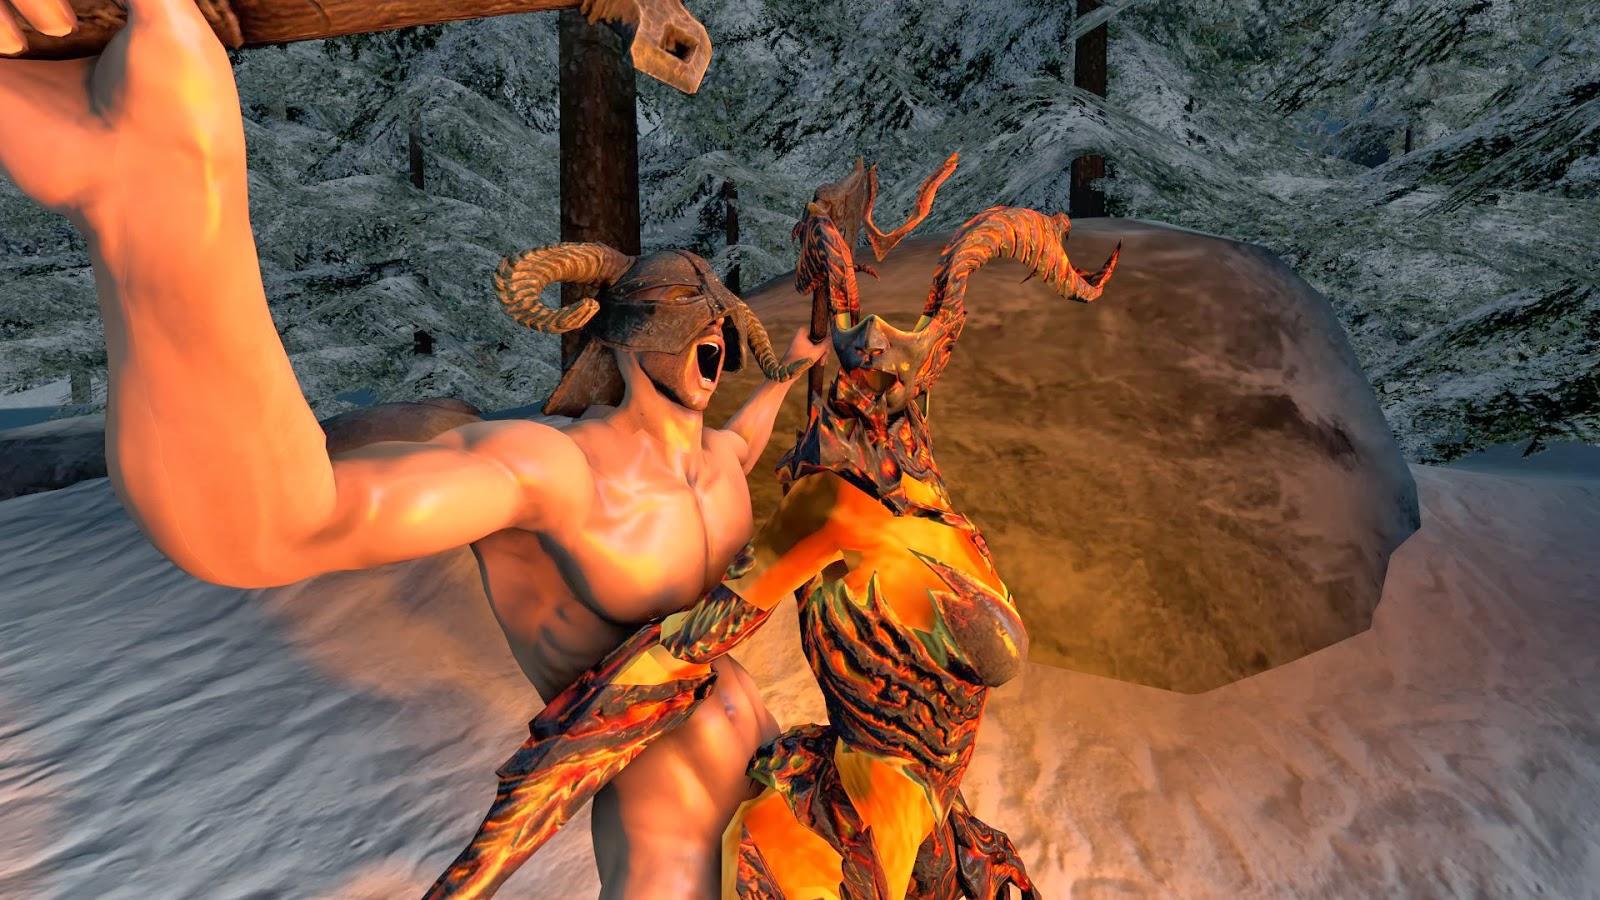 Lara croft lesbian fanfic nudes pictures